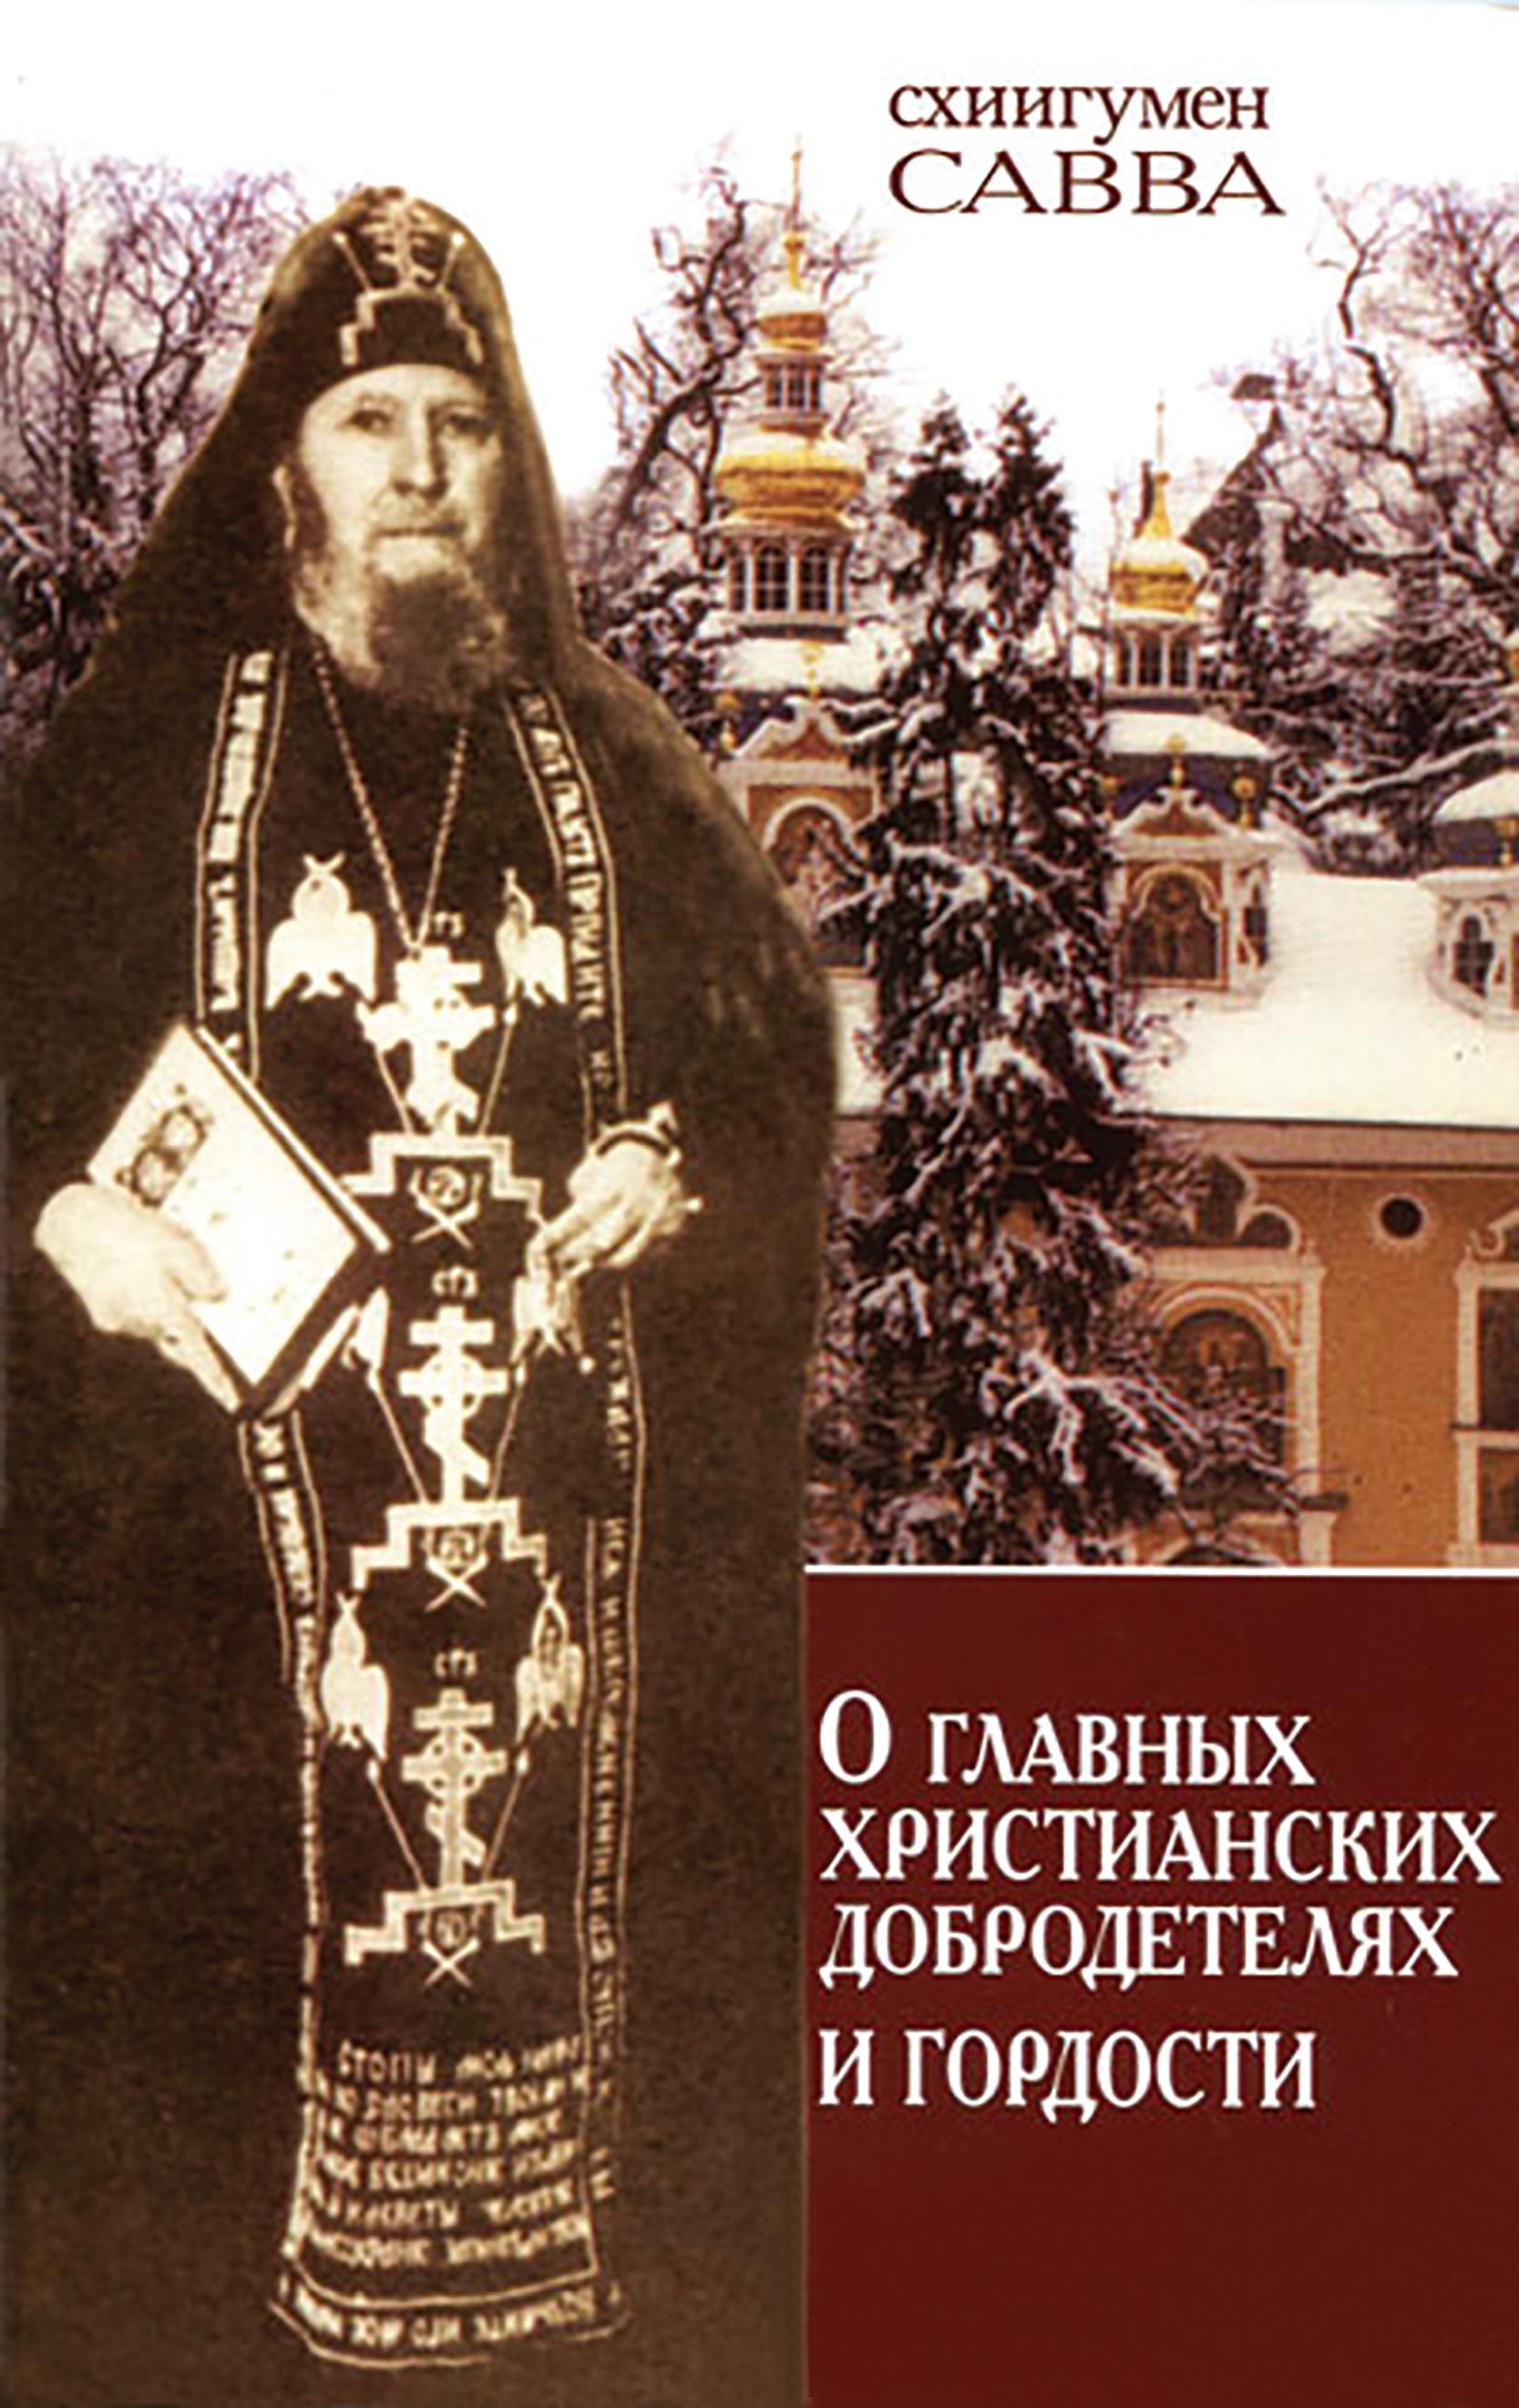 Купить книгу О главных христианских добродетелях и гордости, автора